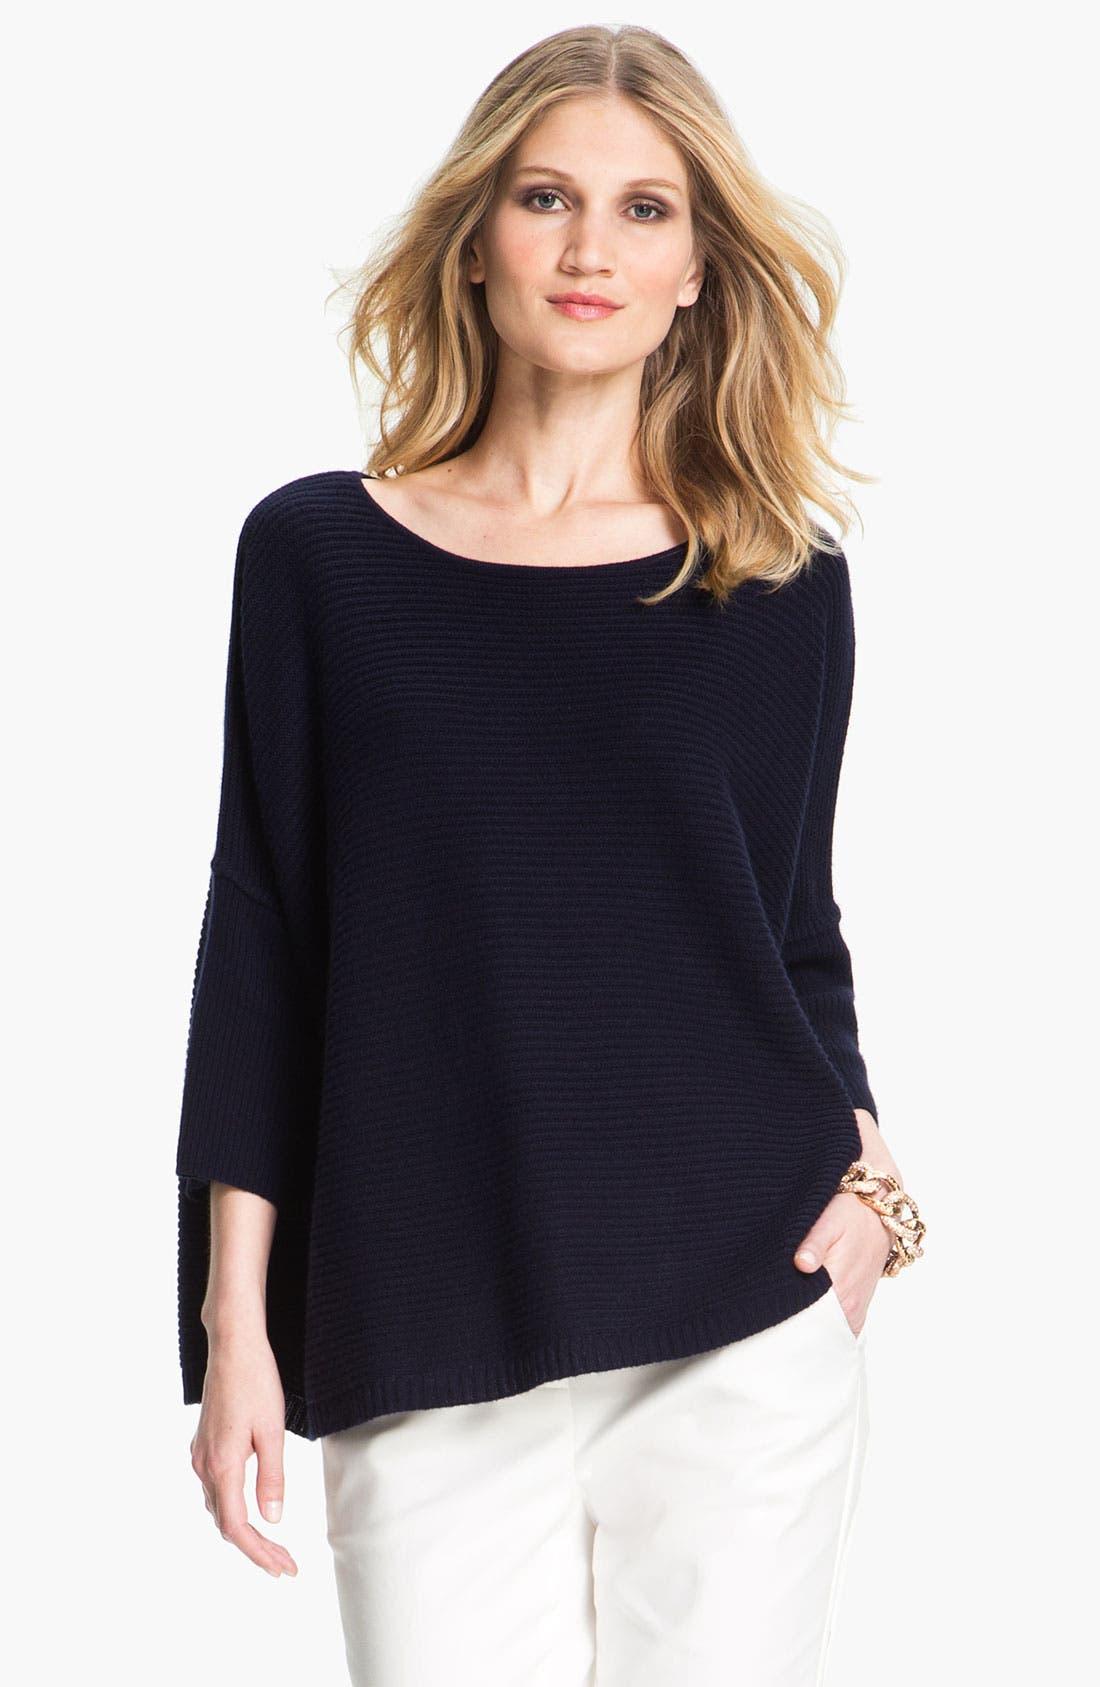 Main Image - St. John Yellow Label Ottoman Cashmere Sweater